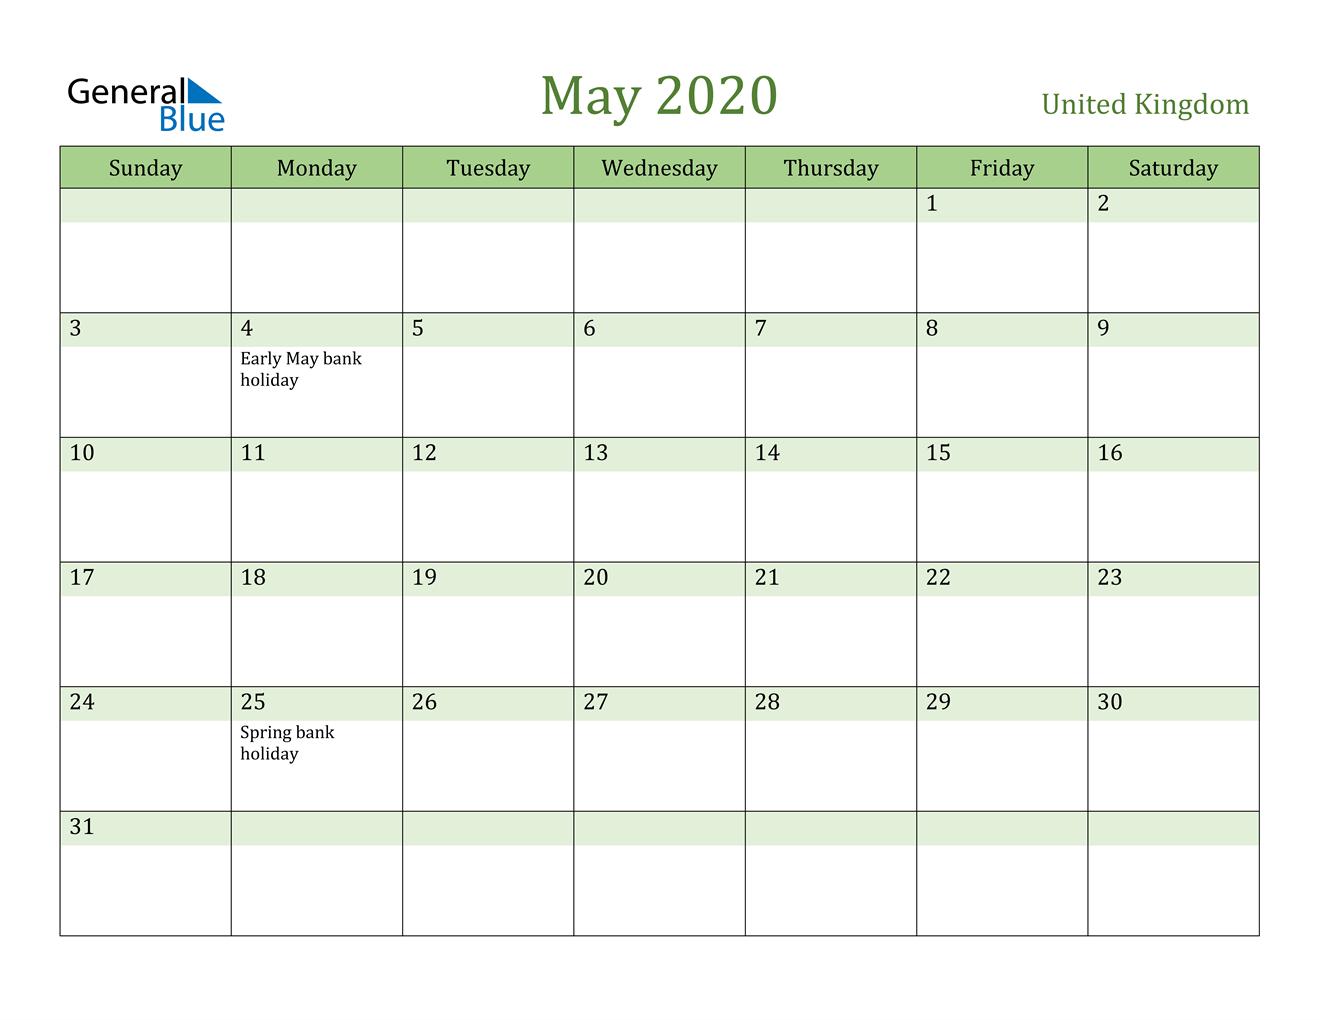 May 2020 Calendar - United Kingdom